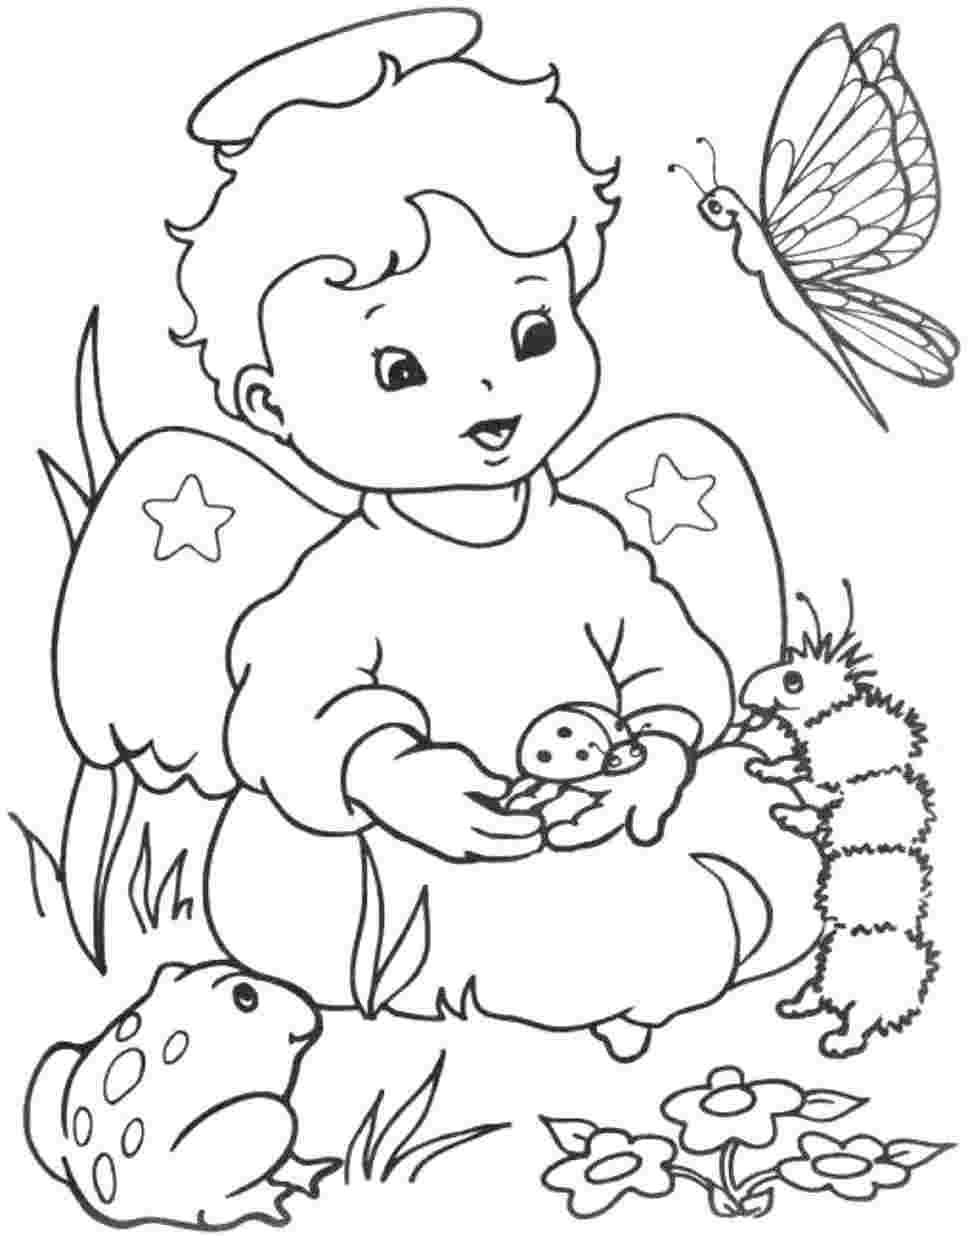 Desenhos Infantis Para Colorir Pintar E Imprimir